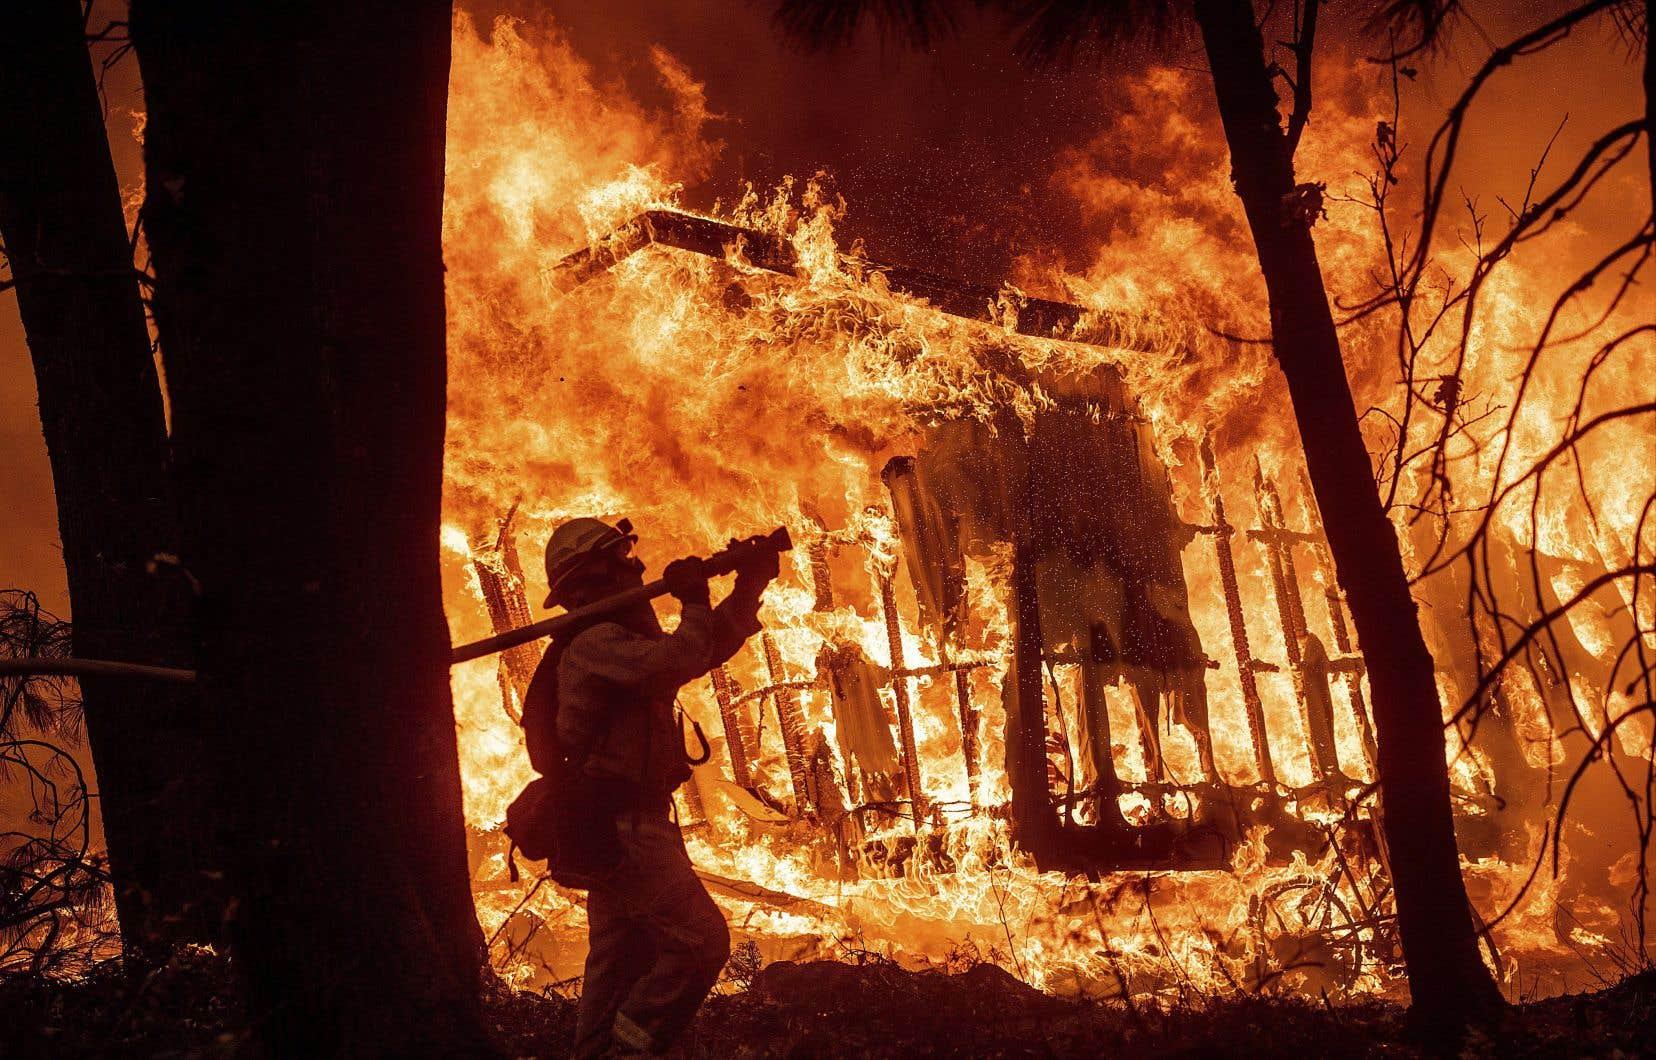 La multiplication des incendies de forêt, notamment en Californie, cause des dégâts considérables pour l'économie américaine.